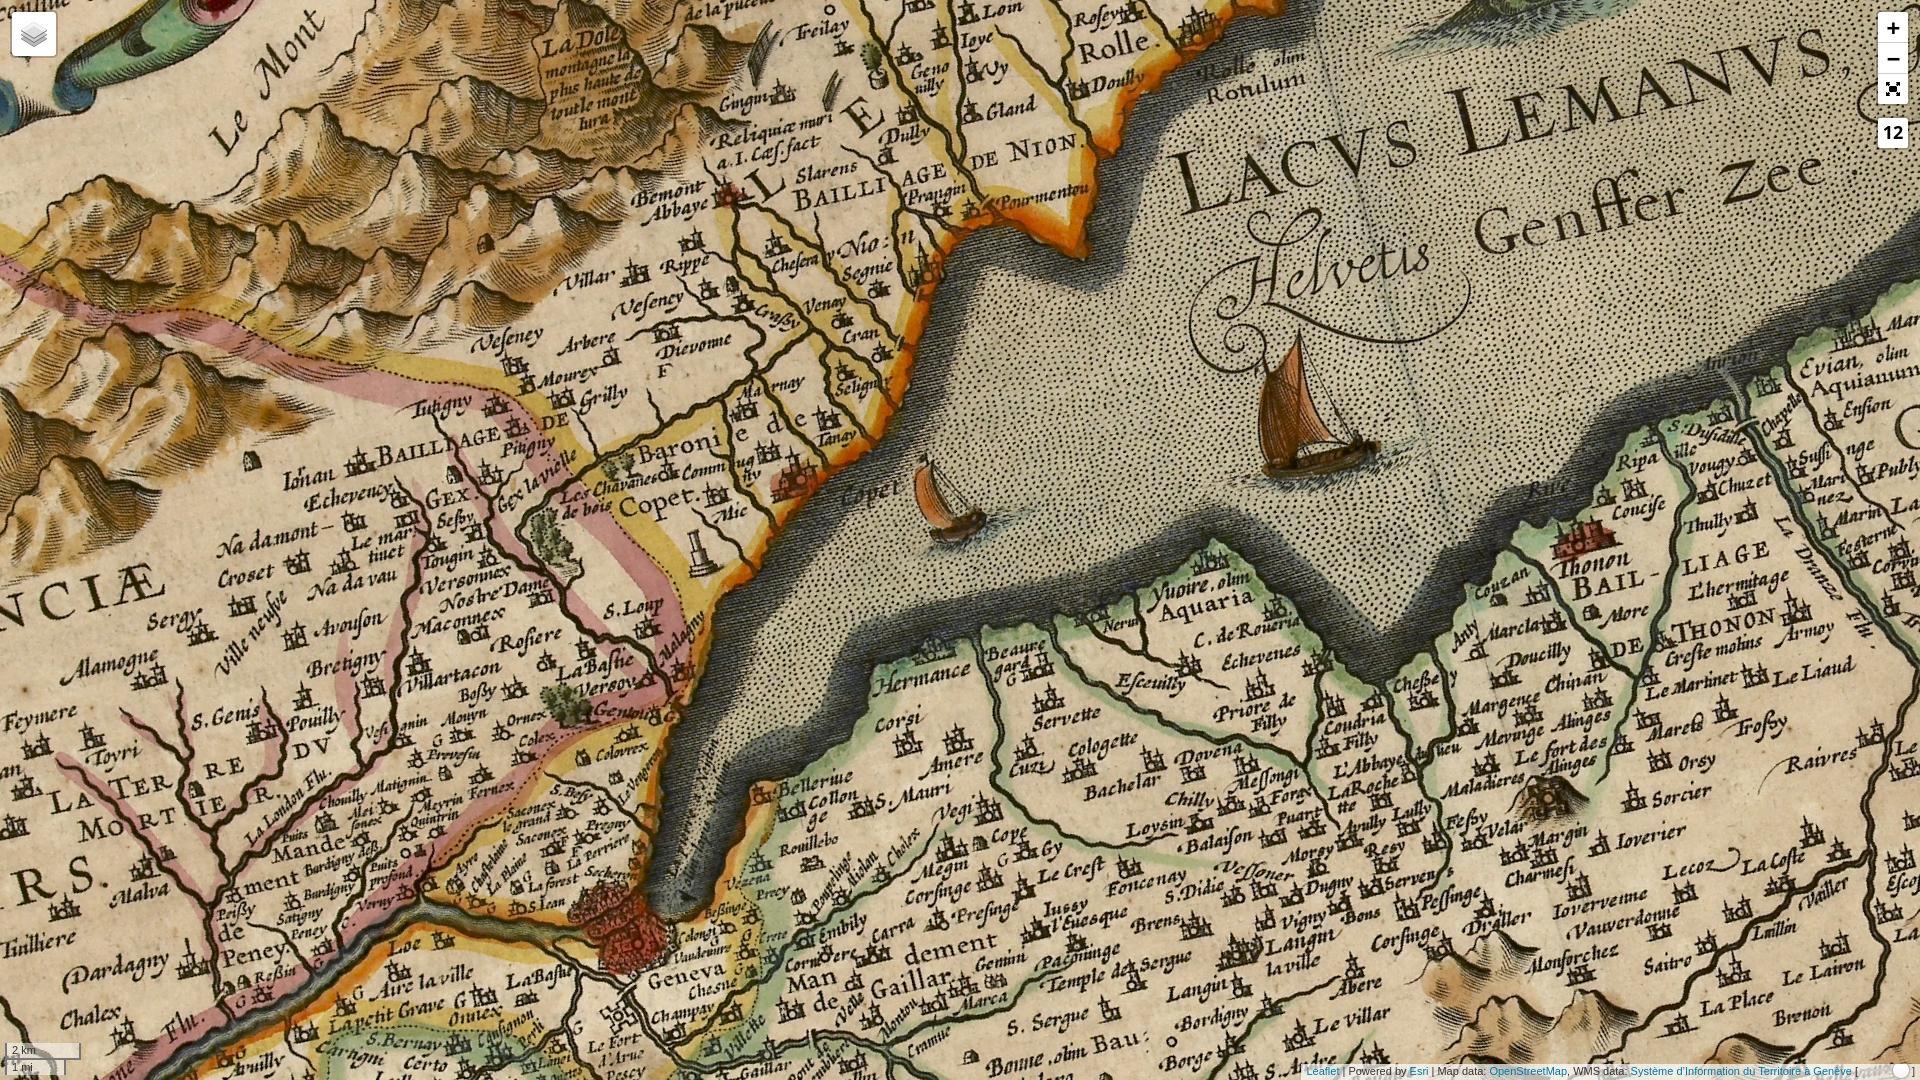 Kantonskarte des Josse II de Hondt (1630)